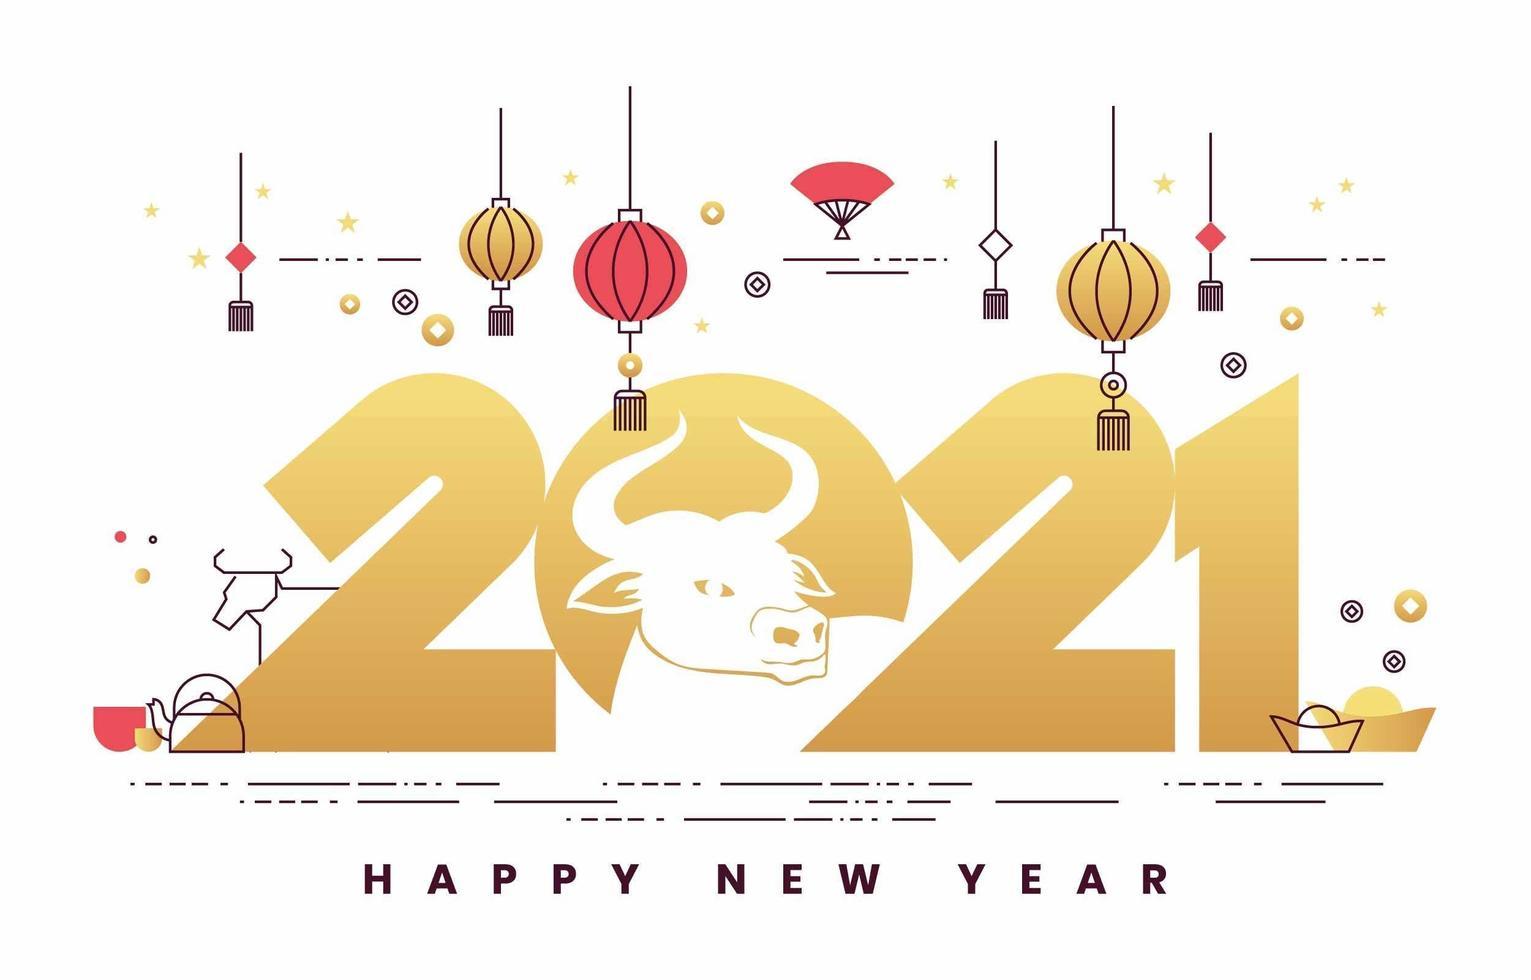 año nuevo chino 2021 concepto minimalista vector